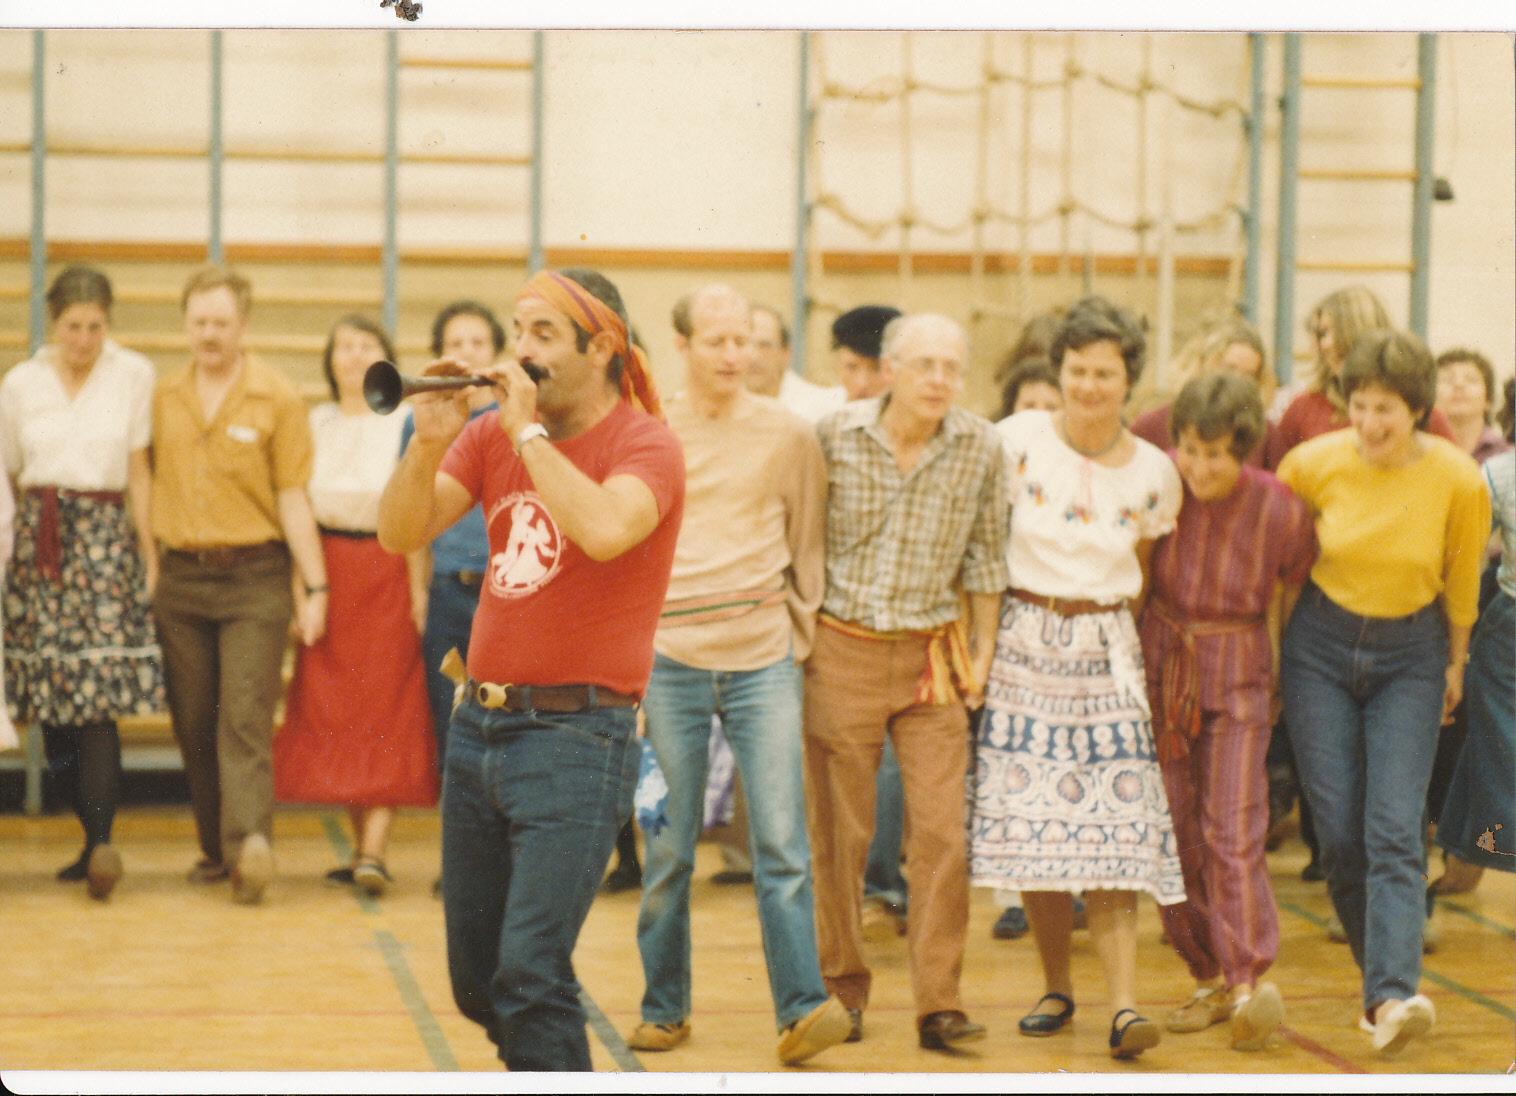 folkdanceline